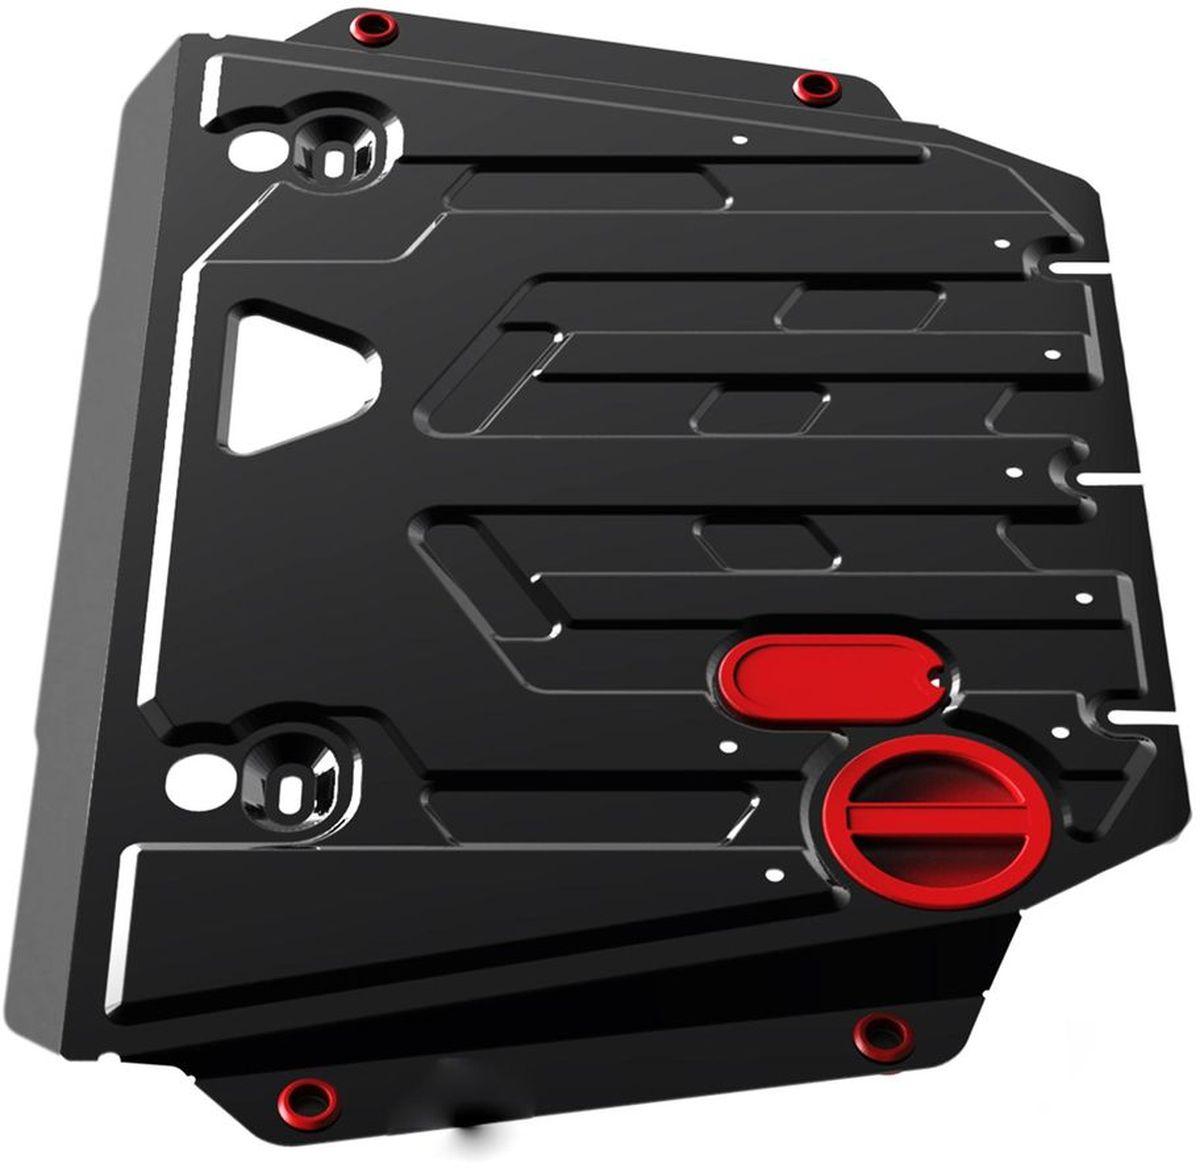 Защита картера и КПП Автоброня Ford Escape 2008-, сталь 2 мм111.01803.1Защита картера и КПП Автоброня Ford Escape, V - 2,3 2008-, сталь 2 мм, комплект крепежа, 111.01803.1Стальные защиты Автоброня надежно защищают ваш автомобиль от повреждений при наезде на бордюры, выступающие канализационные люки, кромки поврежденного асфальта или при ремонте дорог, не говоря уже о загородных дорогах.- Имеют оптимальное соотношение цена-качество.- Спроектированы с учетом особенностей автомобиля, что делает установку удобной.- Защита устанавливается в штатные места кузова автомобиля.- Является надежной защитой для важных элементов на протяжении долгих лет.- Глубокий штамп дополнительно усиливает конструкцию защиты.- Подштамповка в местах крепления защищает крепеж от срезания.- Технологические отверстия там, где они необходимы для смены масла и слива воды, оборудованные заглушками, закрепленными на защите.Толщина стали 2 мм.В комплекте крепеж и инструкция по установке.Уважаемые клиенты!Обращаем ваше внимание на тот факт, что защита имеет форму, соответствующую модели данного автомобиля. Наличие глубокого штампа и лючков для смены фильтров/масла предусмотрено не на всех защитах. Фото служит для визуального восприятия товара.